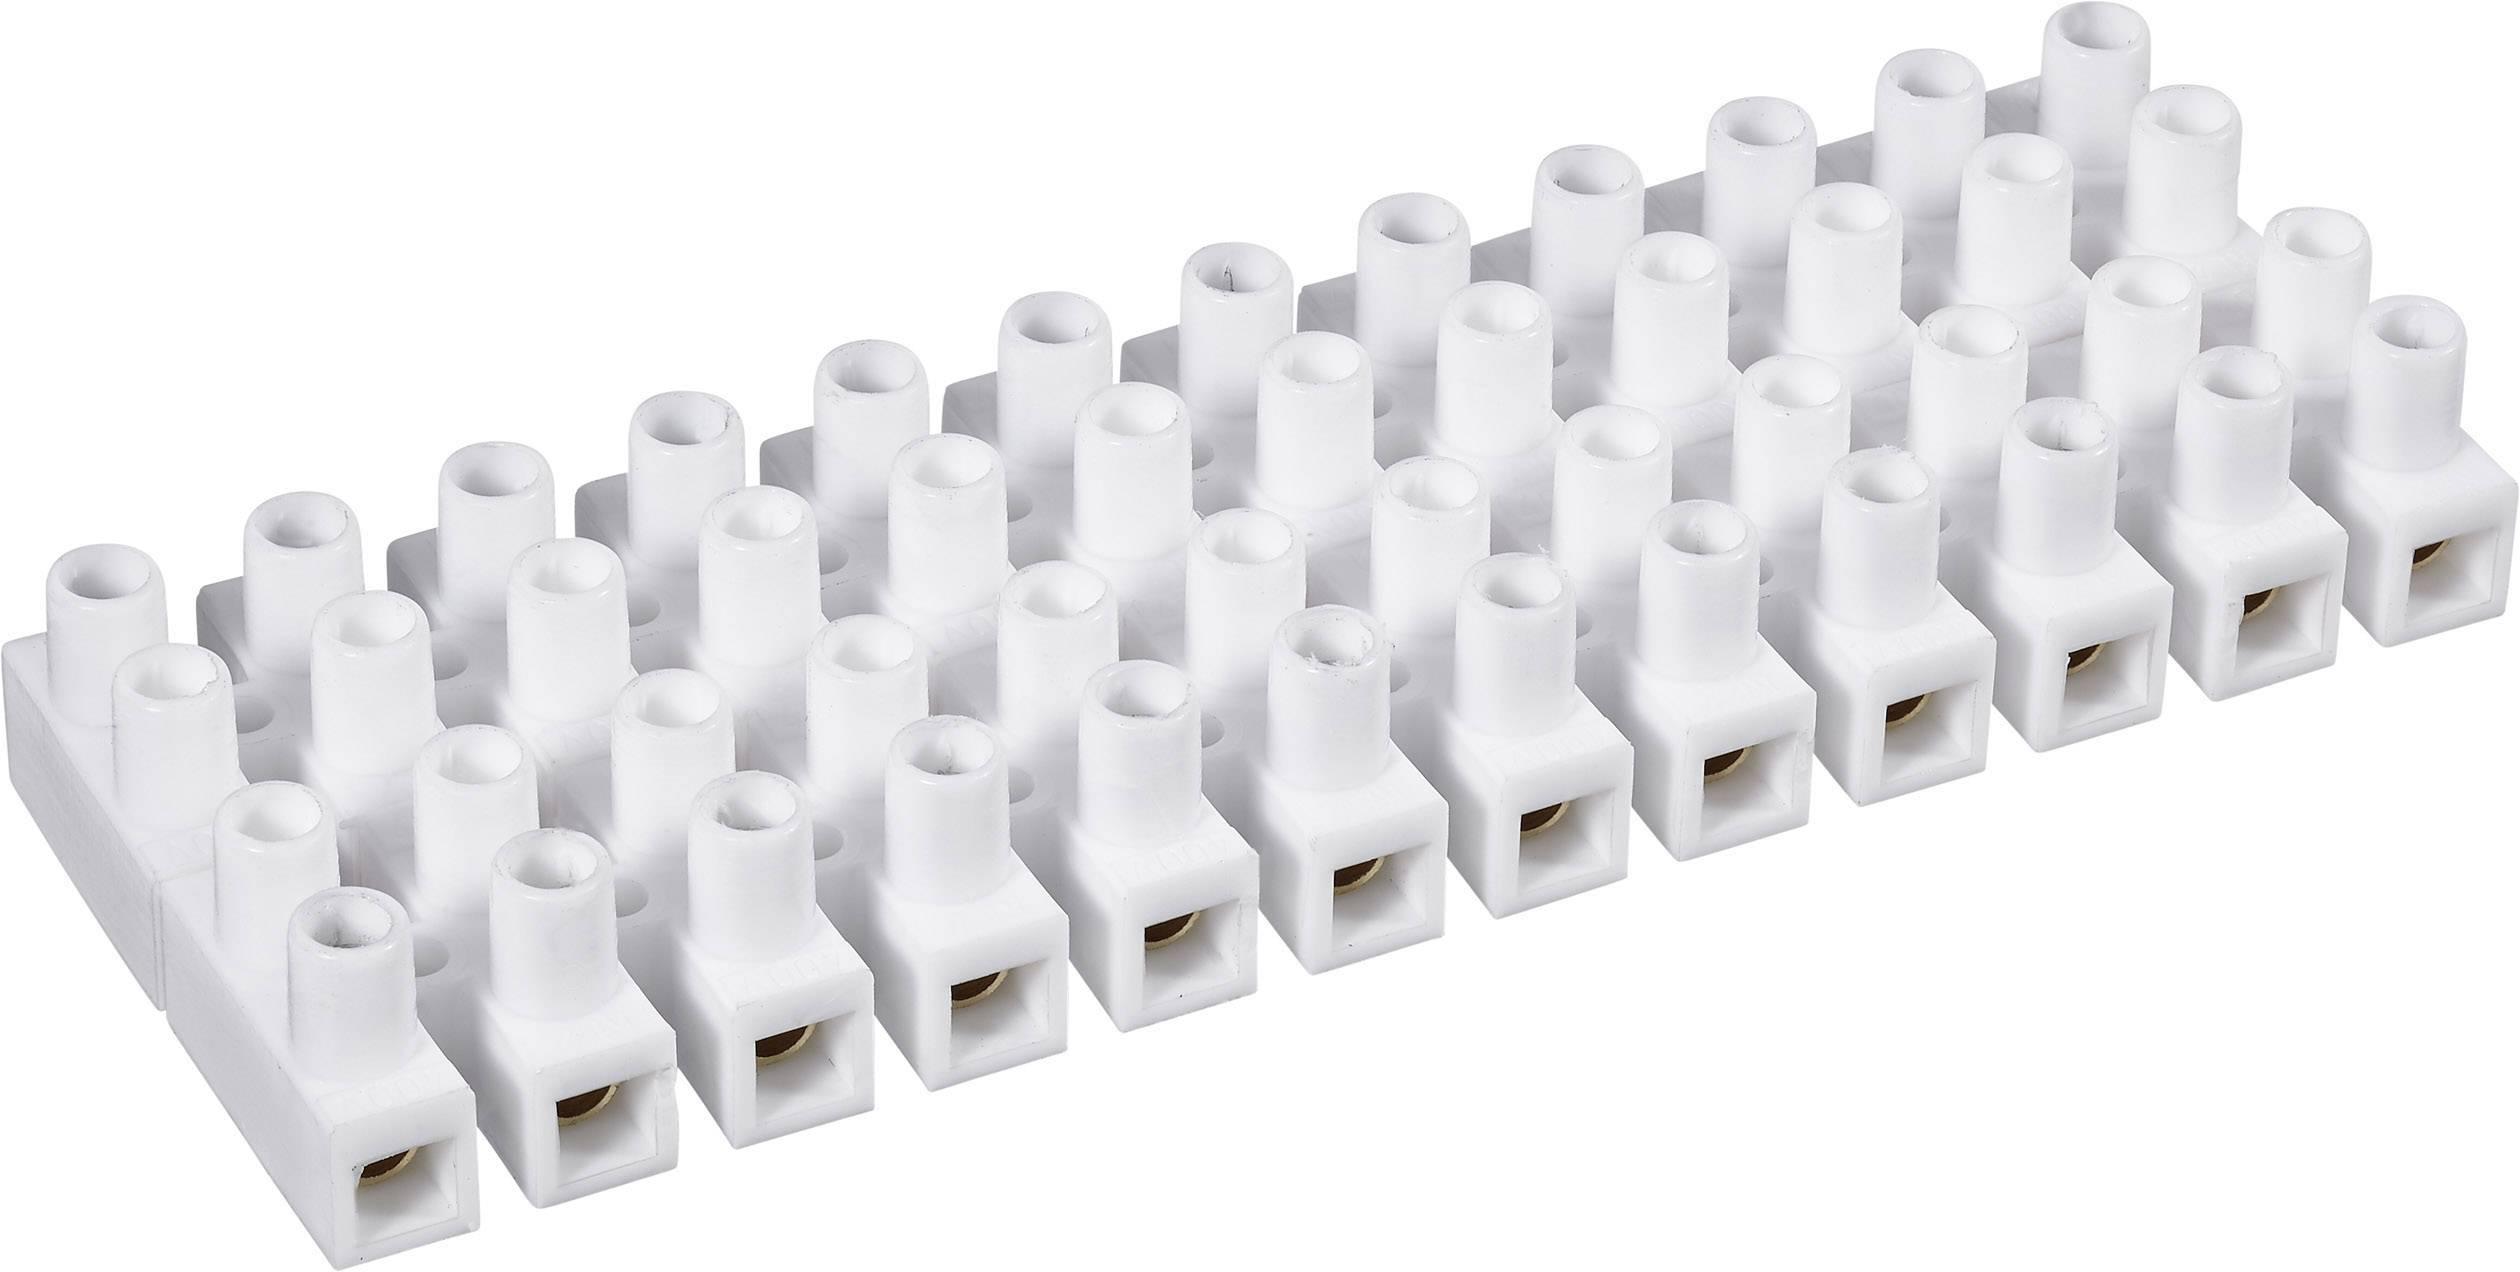 Svietidlové svorky na kábel s rozmerom 1.5-2.5 mm², pólů 12, 1 ks, biela